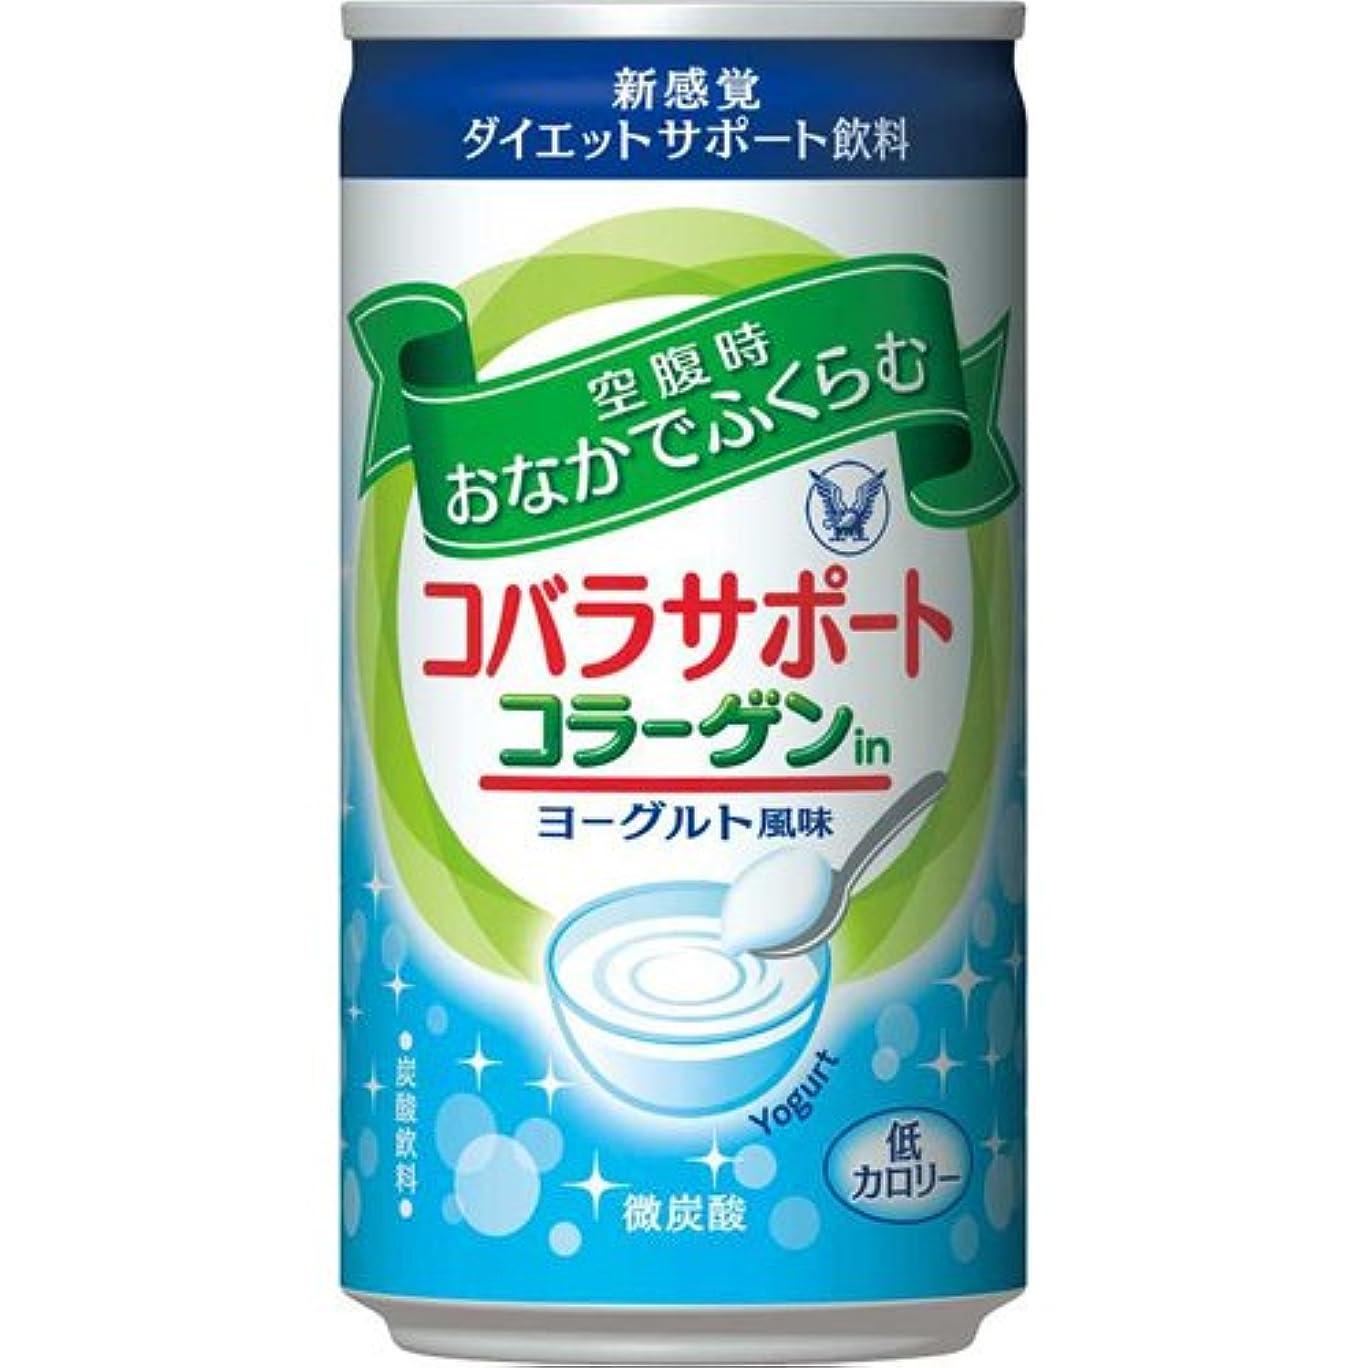 先につぼみメナジェリー大正製薬 コバラサポート コラーゲンinヨーグルト風味 1缶